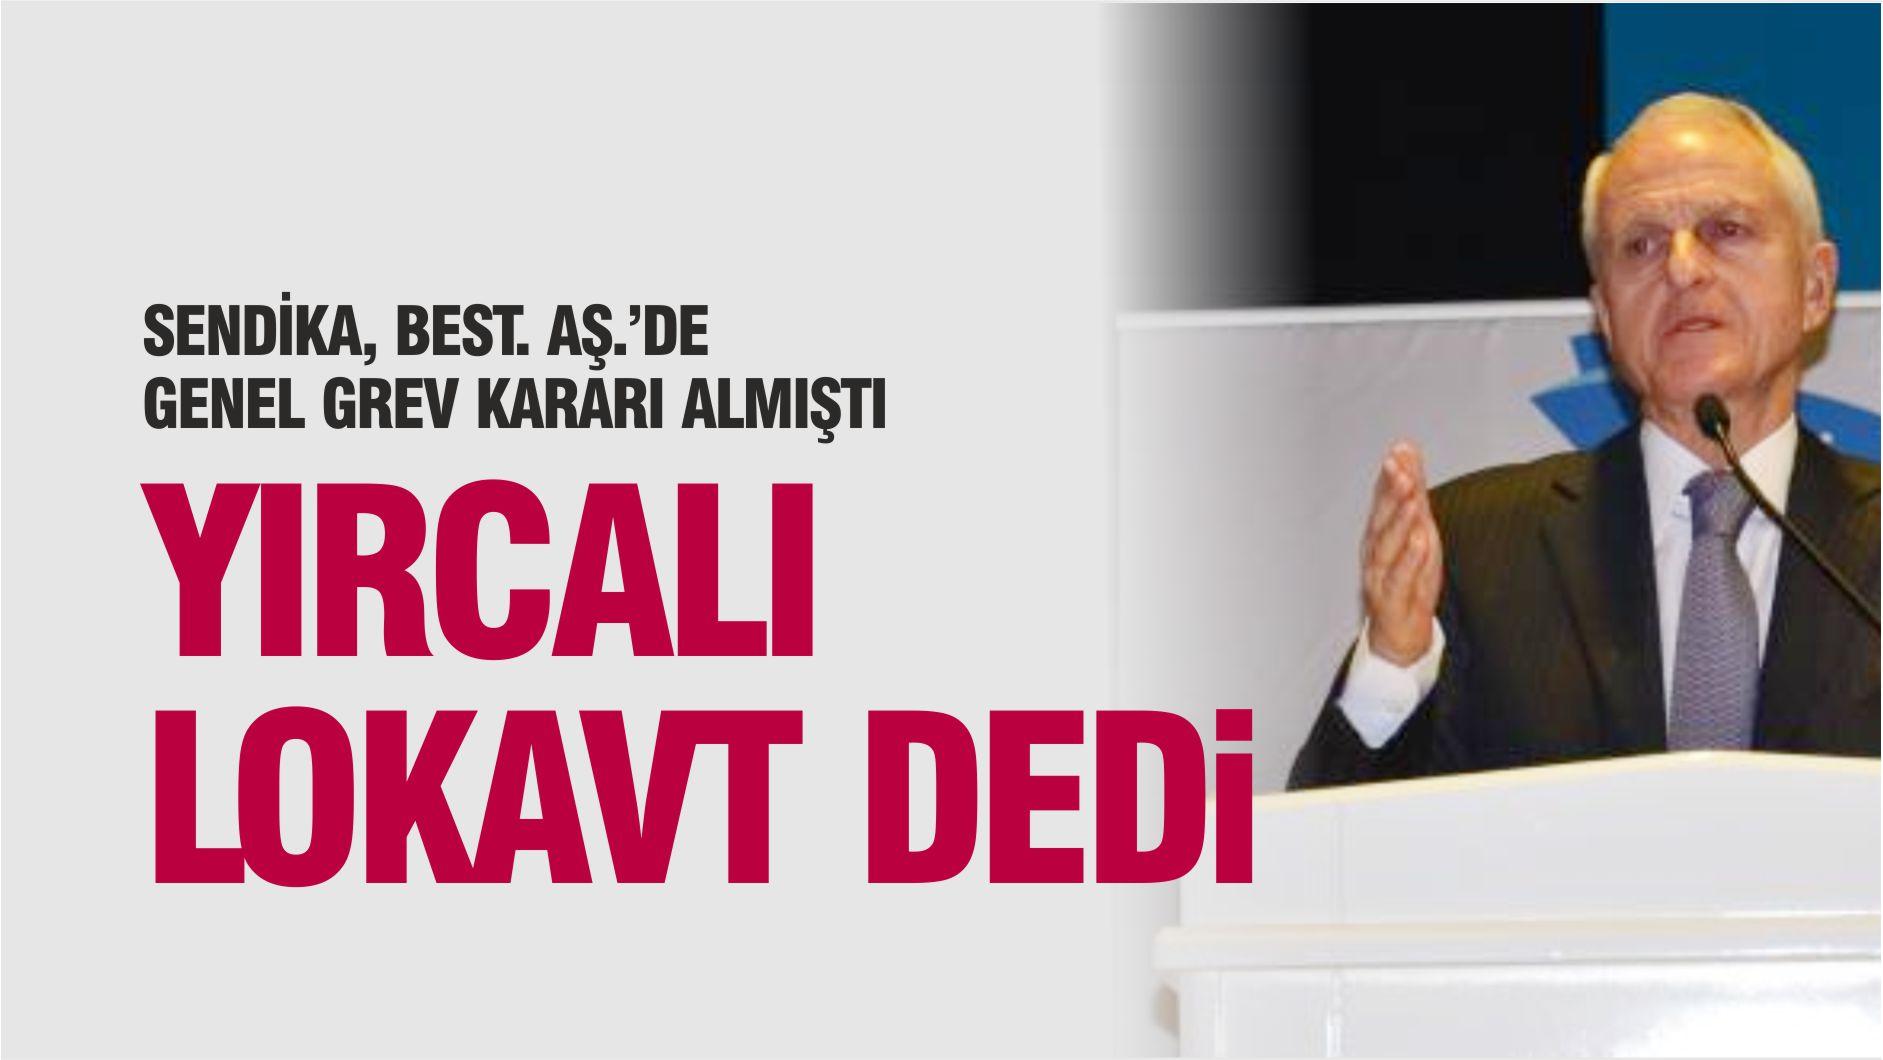 BEST A.Ş. LOKAVT İLAN ETTİ